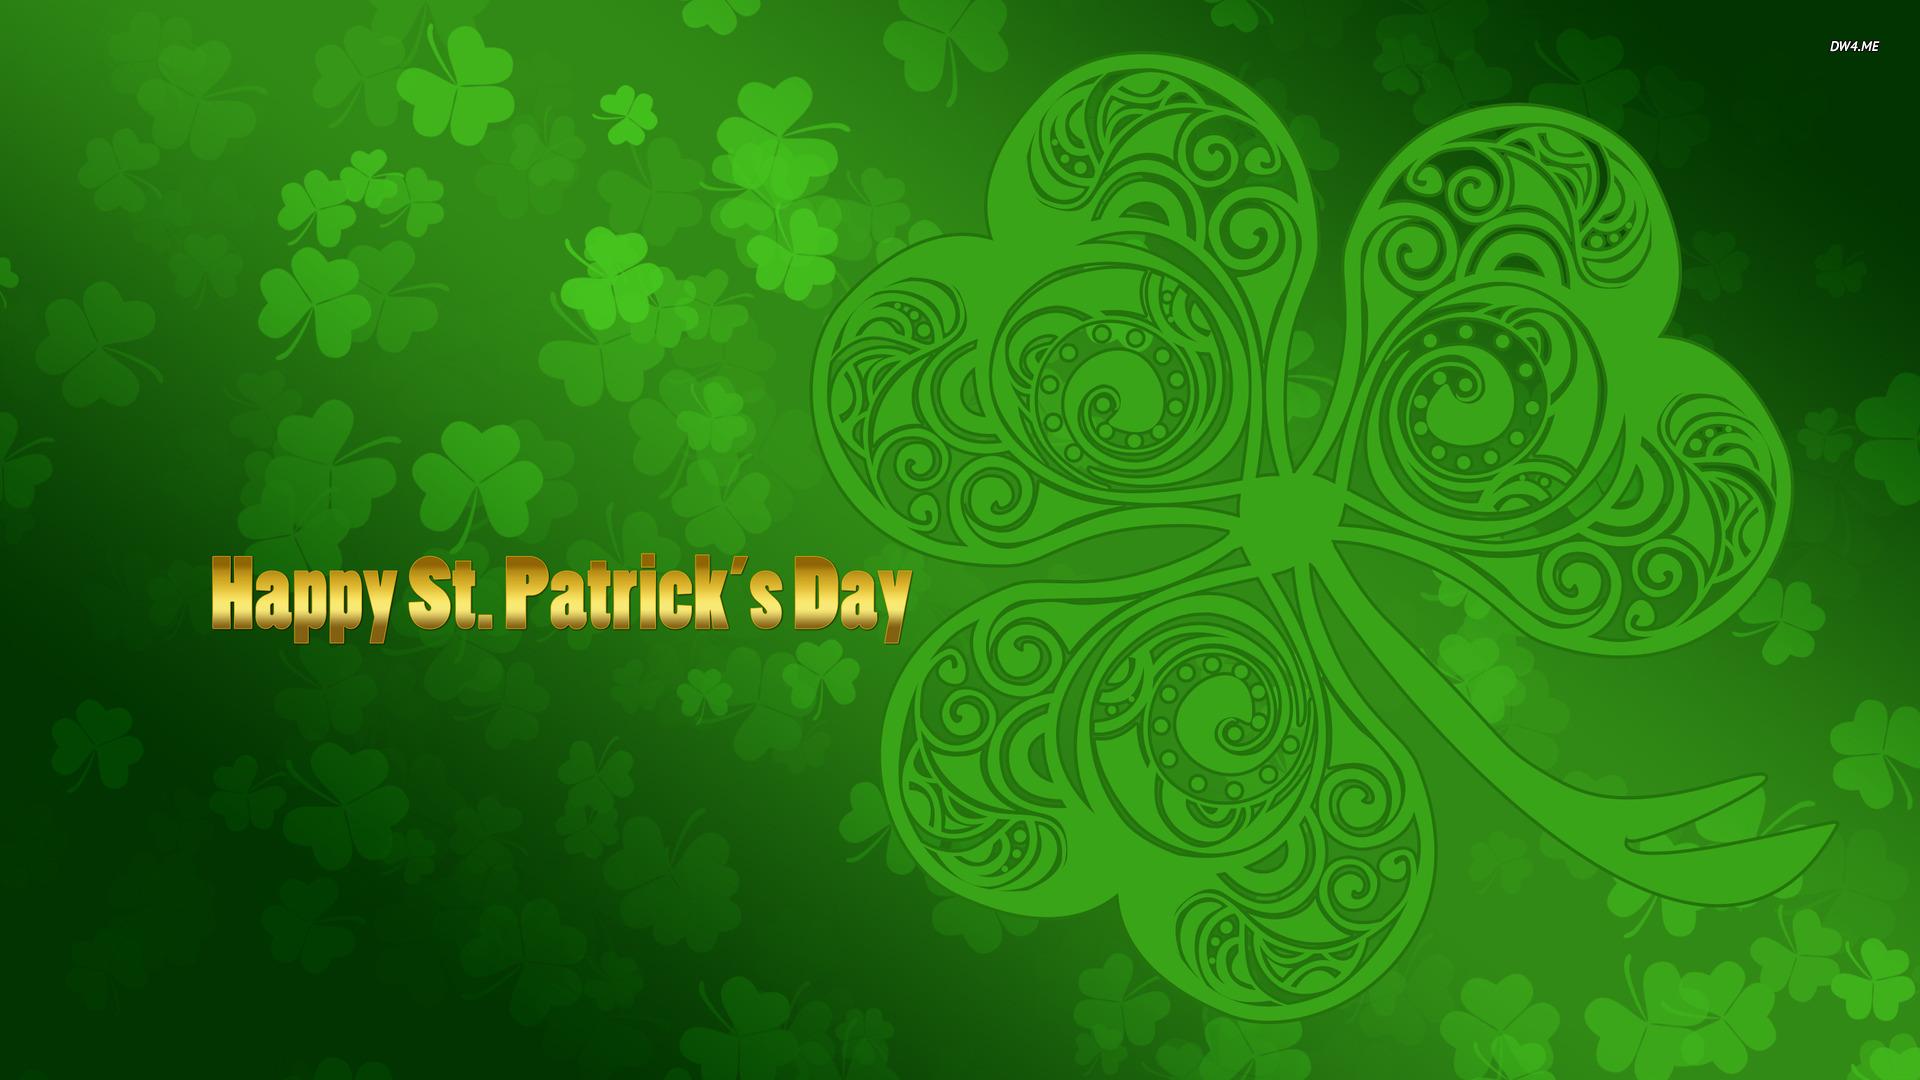 Holidays Clover Saint Patrick's Day Shamrock St. Patrick